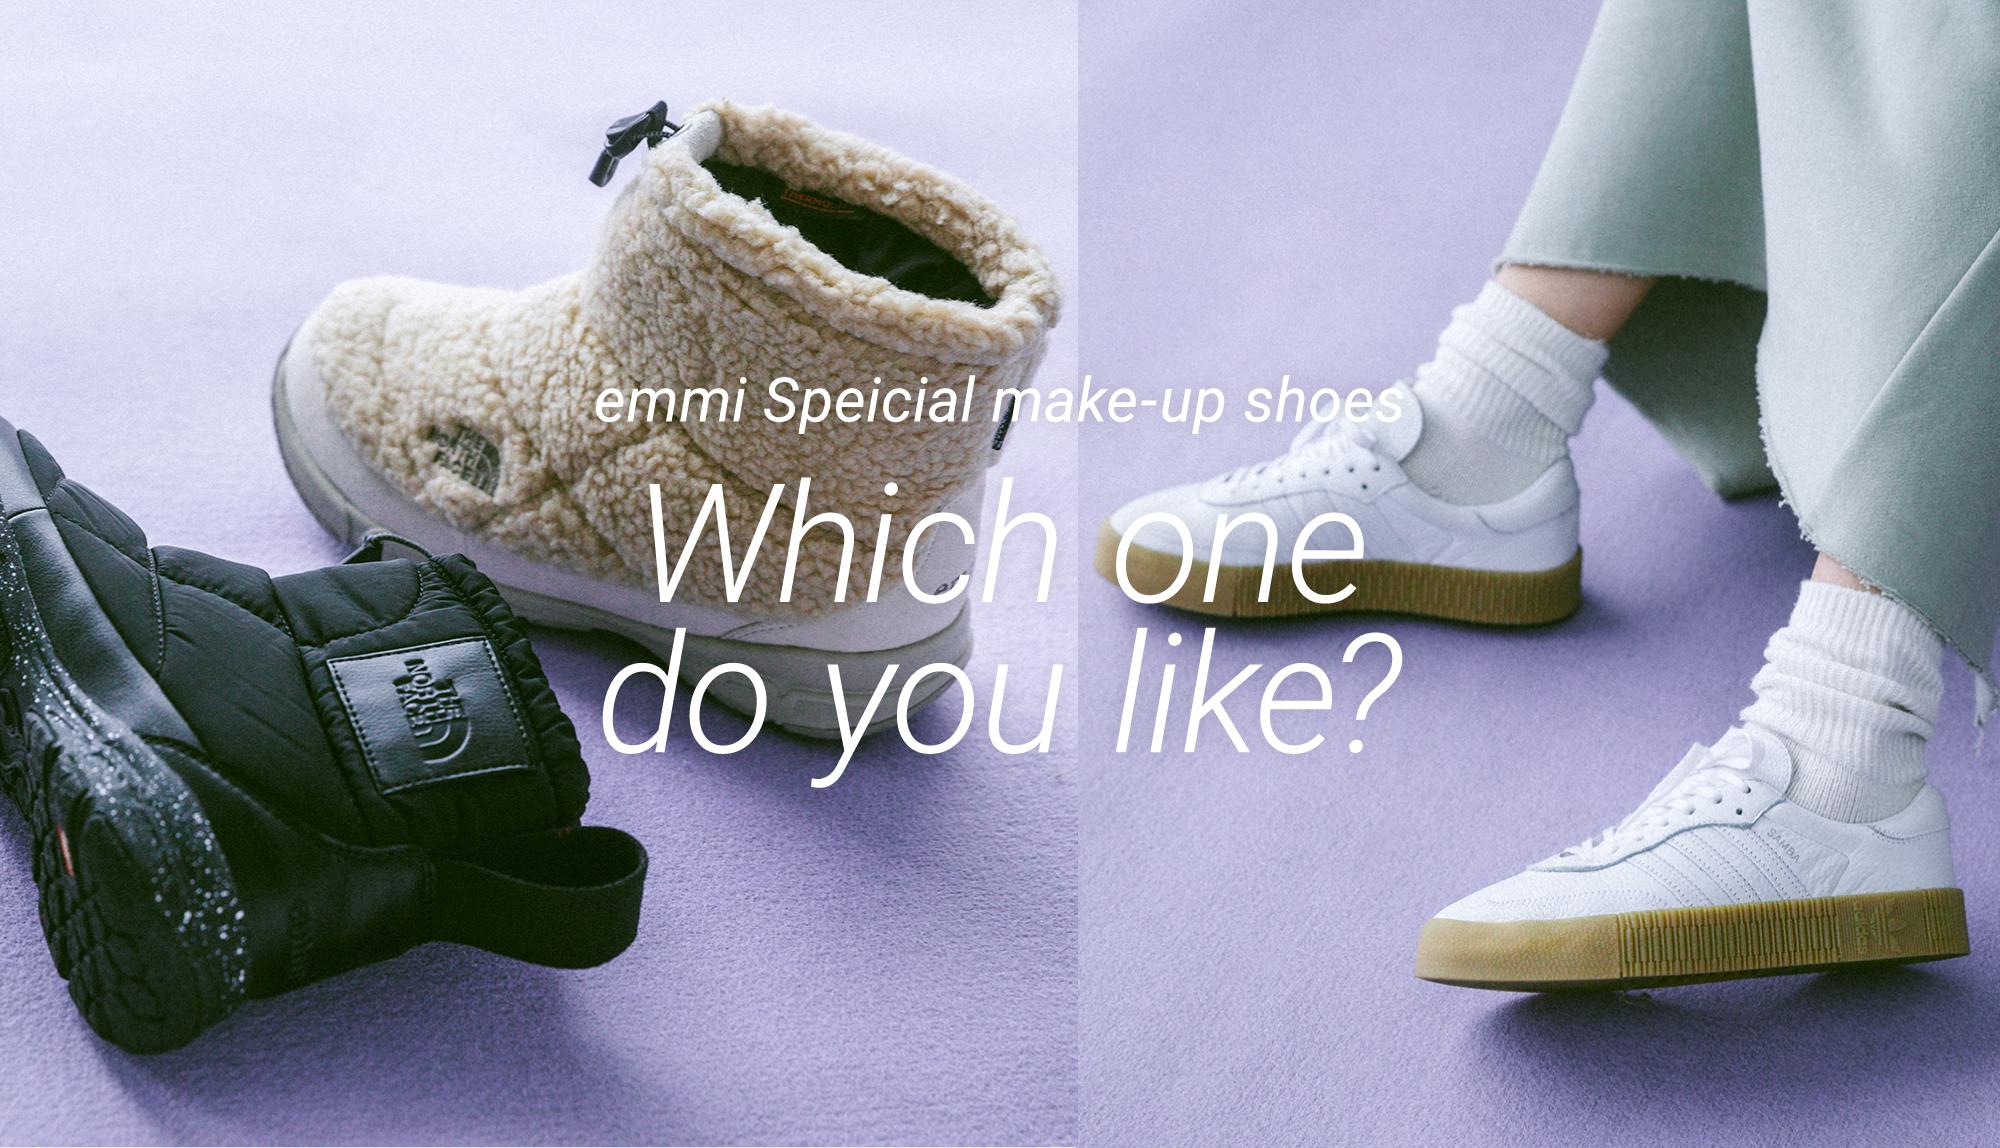 emmi makeup_shoes_181010